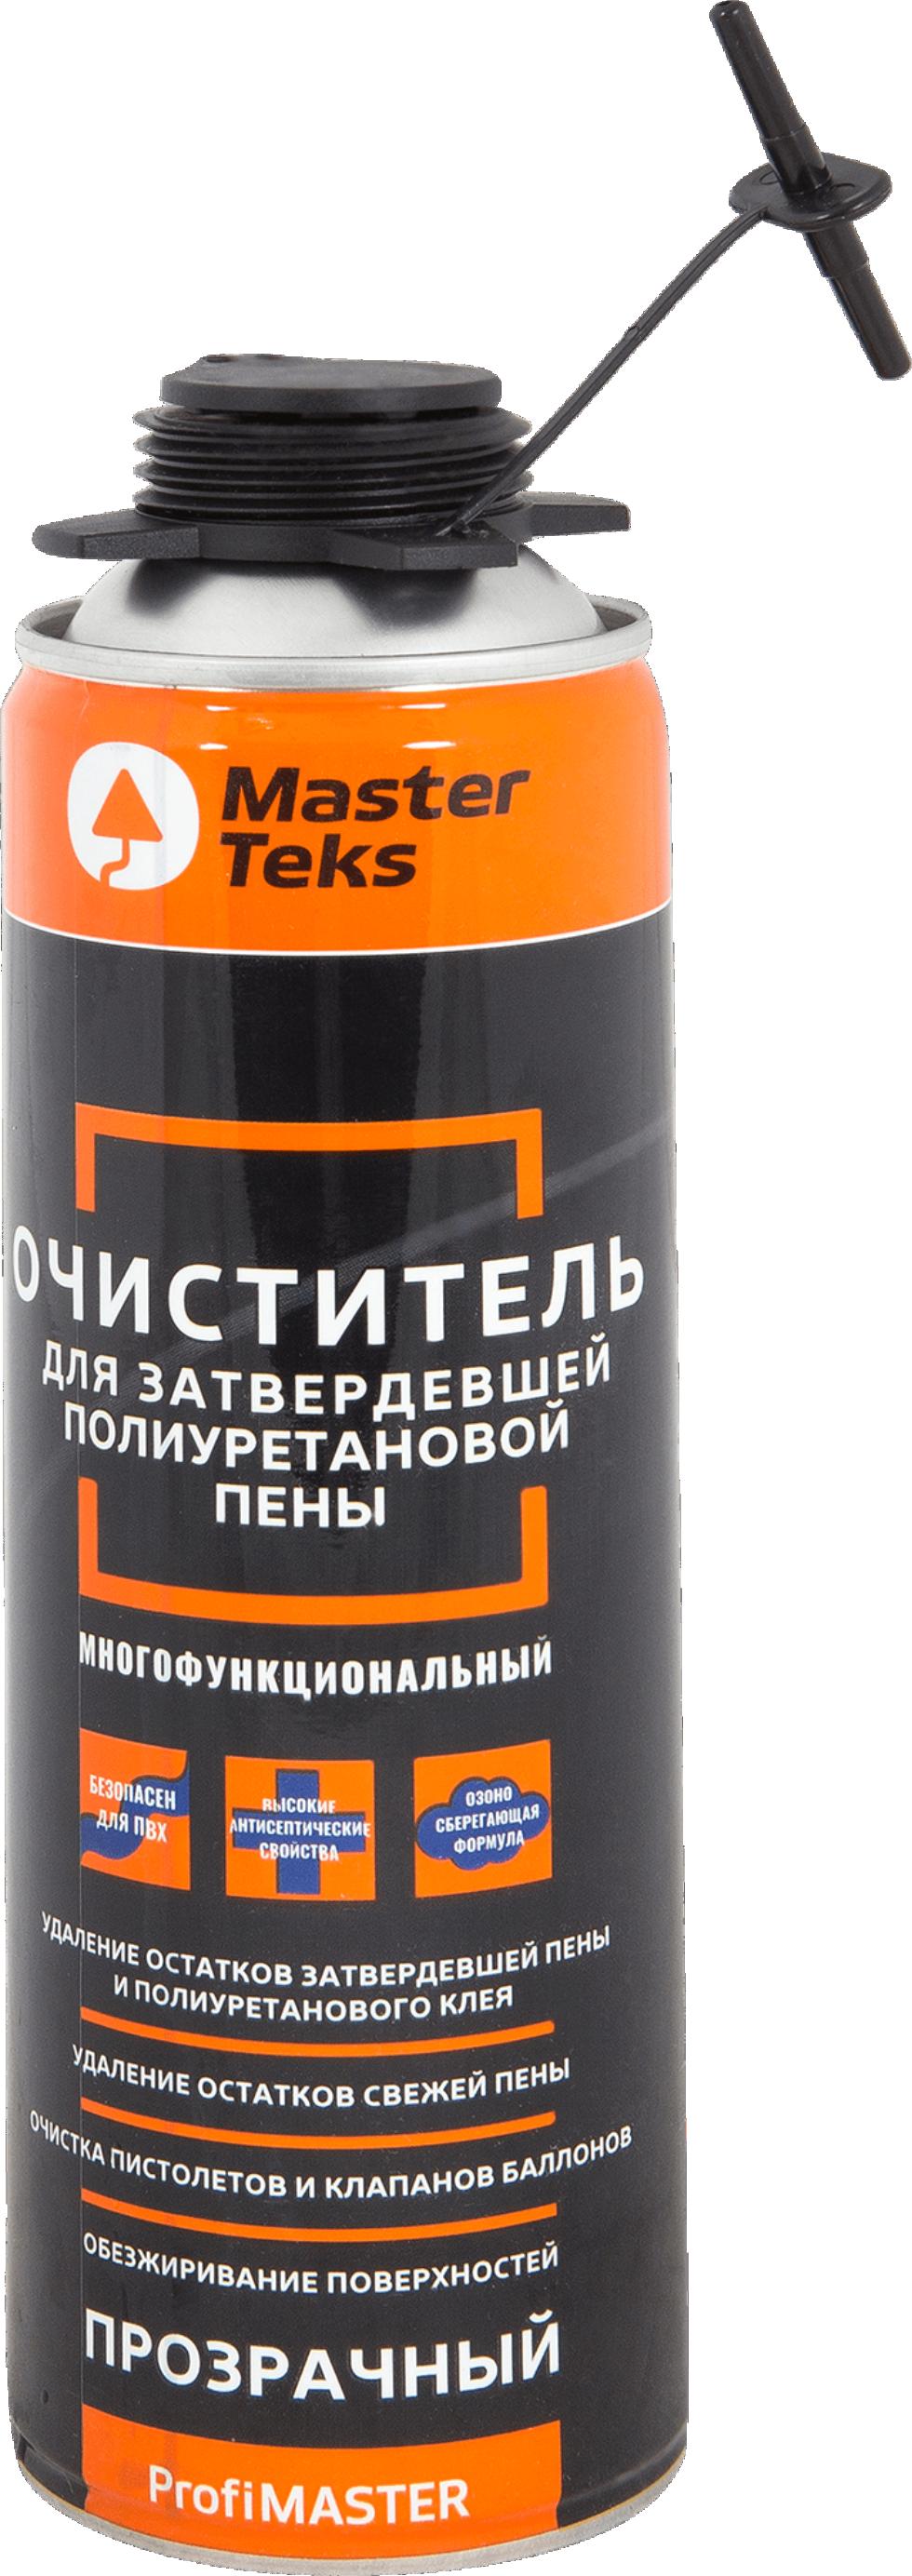 Очиститель монтажной пены Masterteks 0.5 л